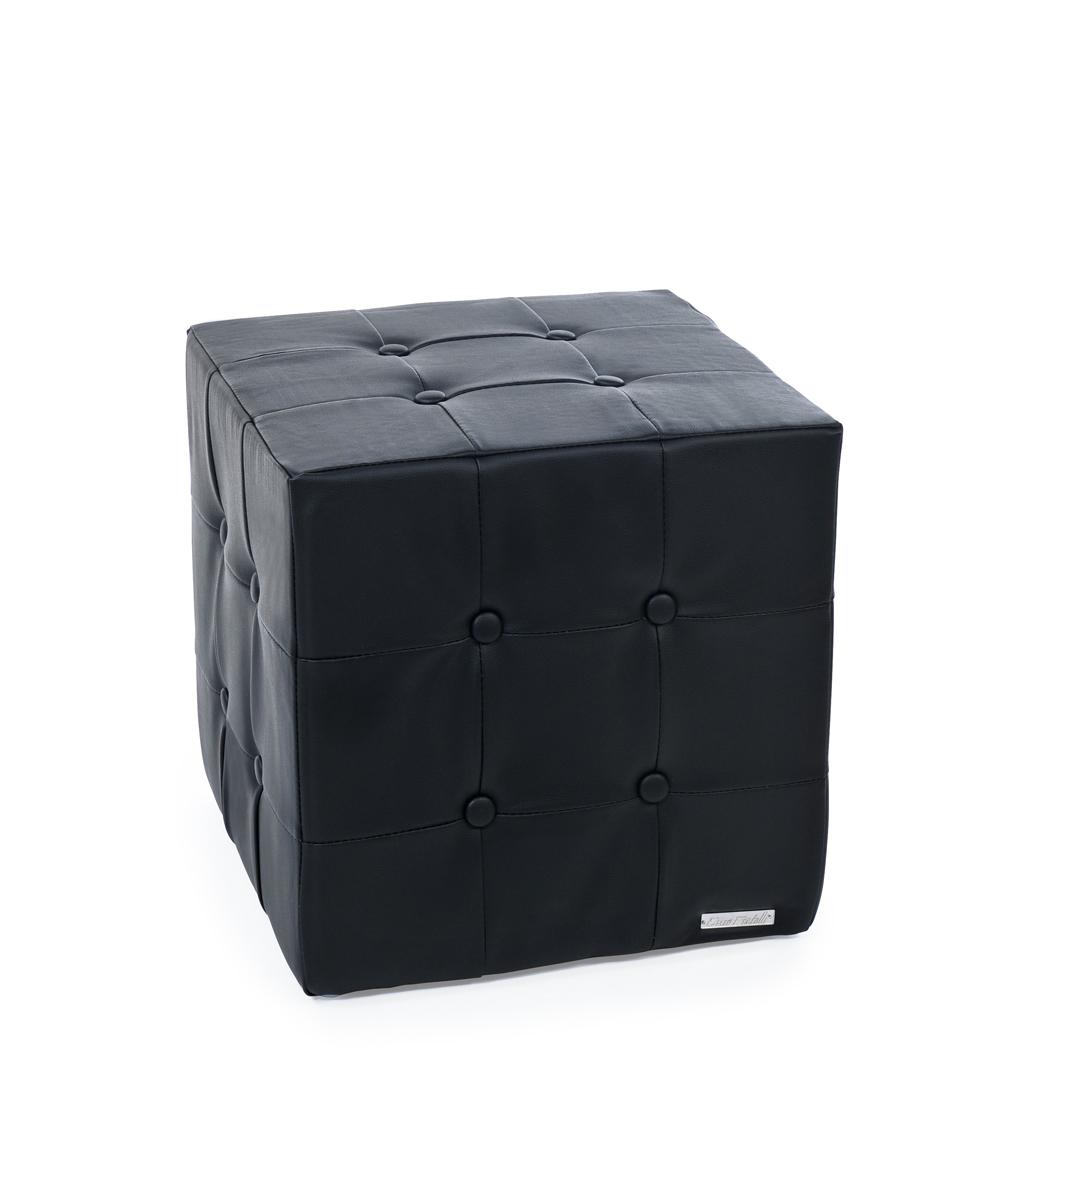 Pouf noir moderne carr angelo miliboo for Pouf carre noir ikea